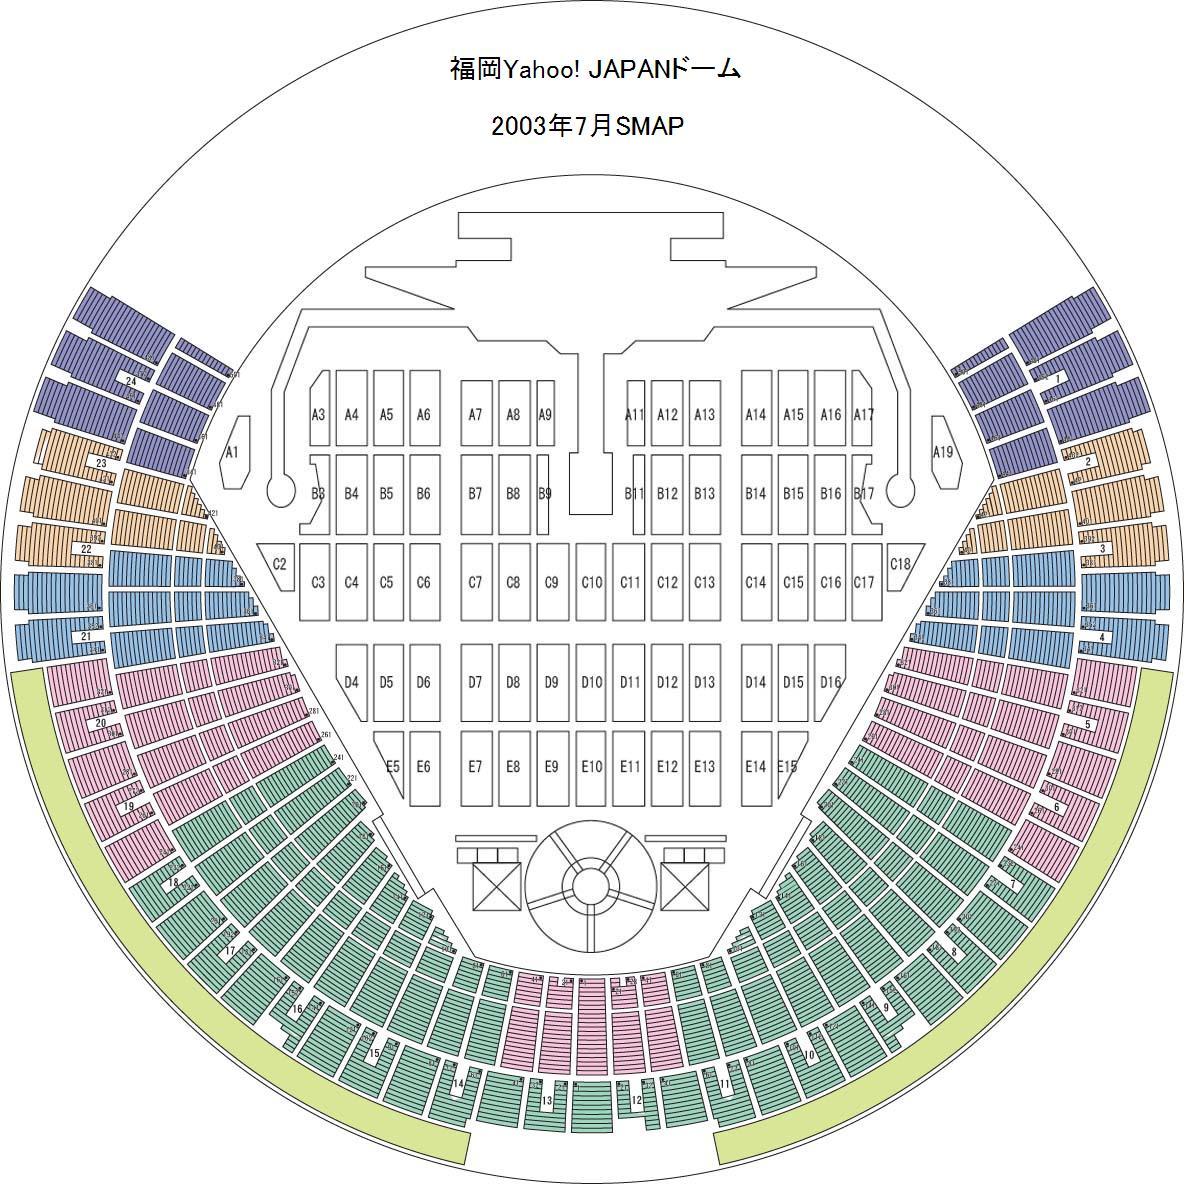 ヤフオクドーム_座席表_smap2003